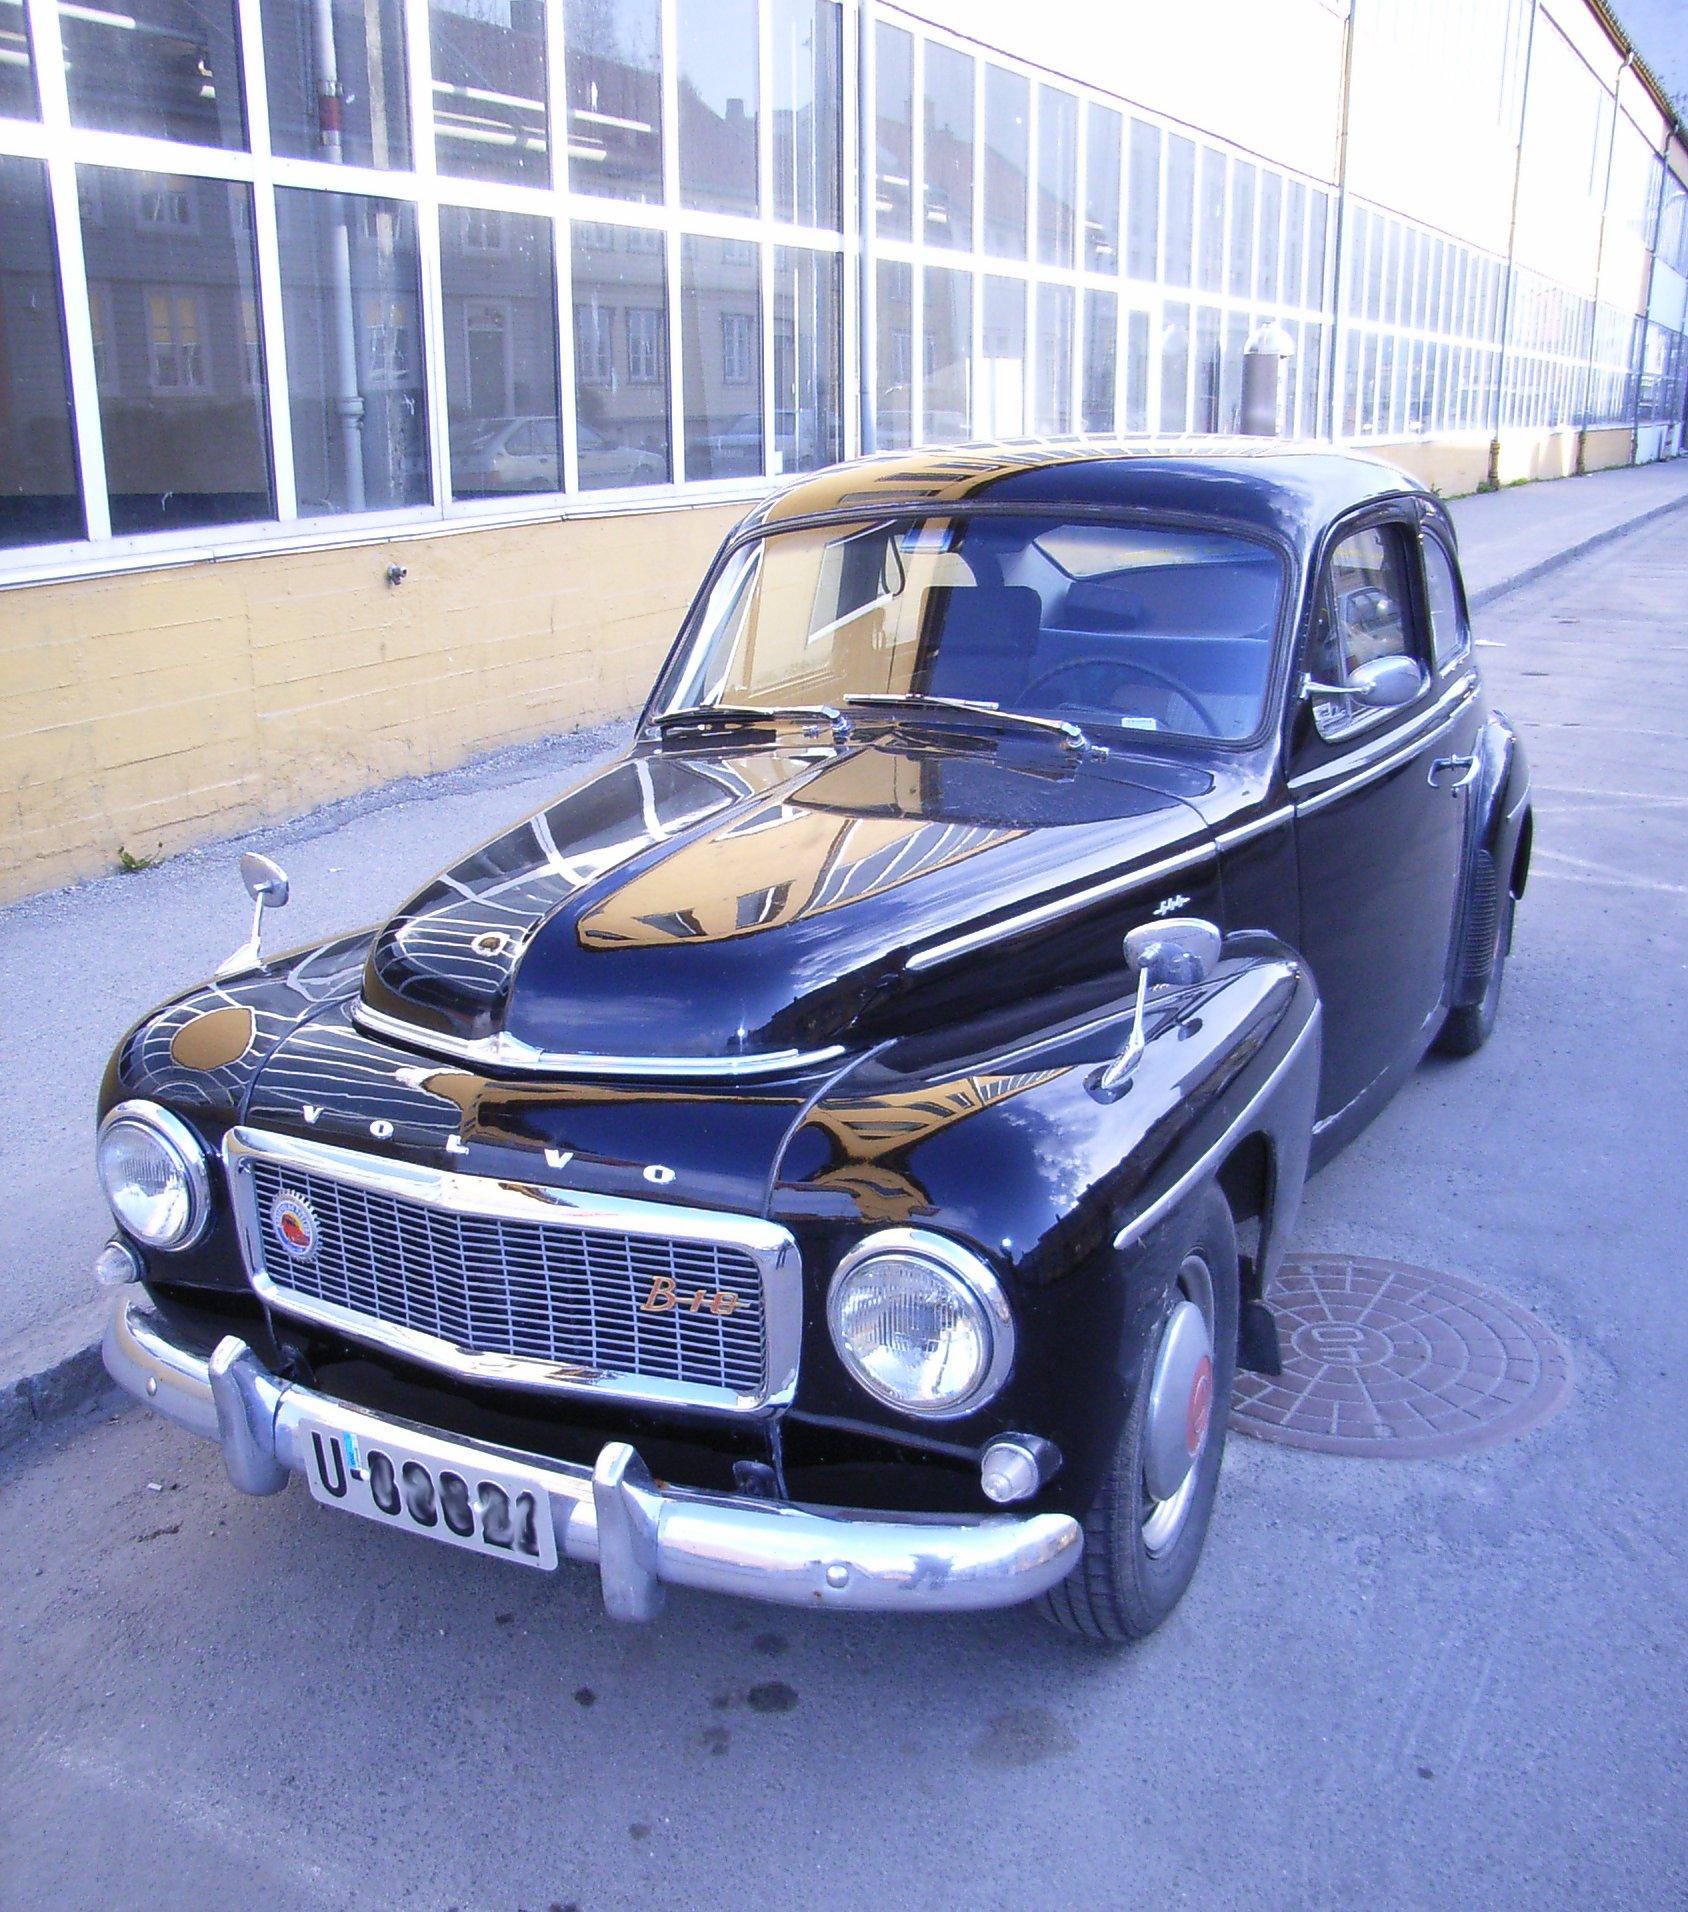 Volvo 544 (Modell B18) - der